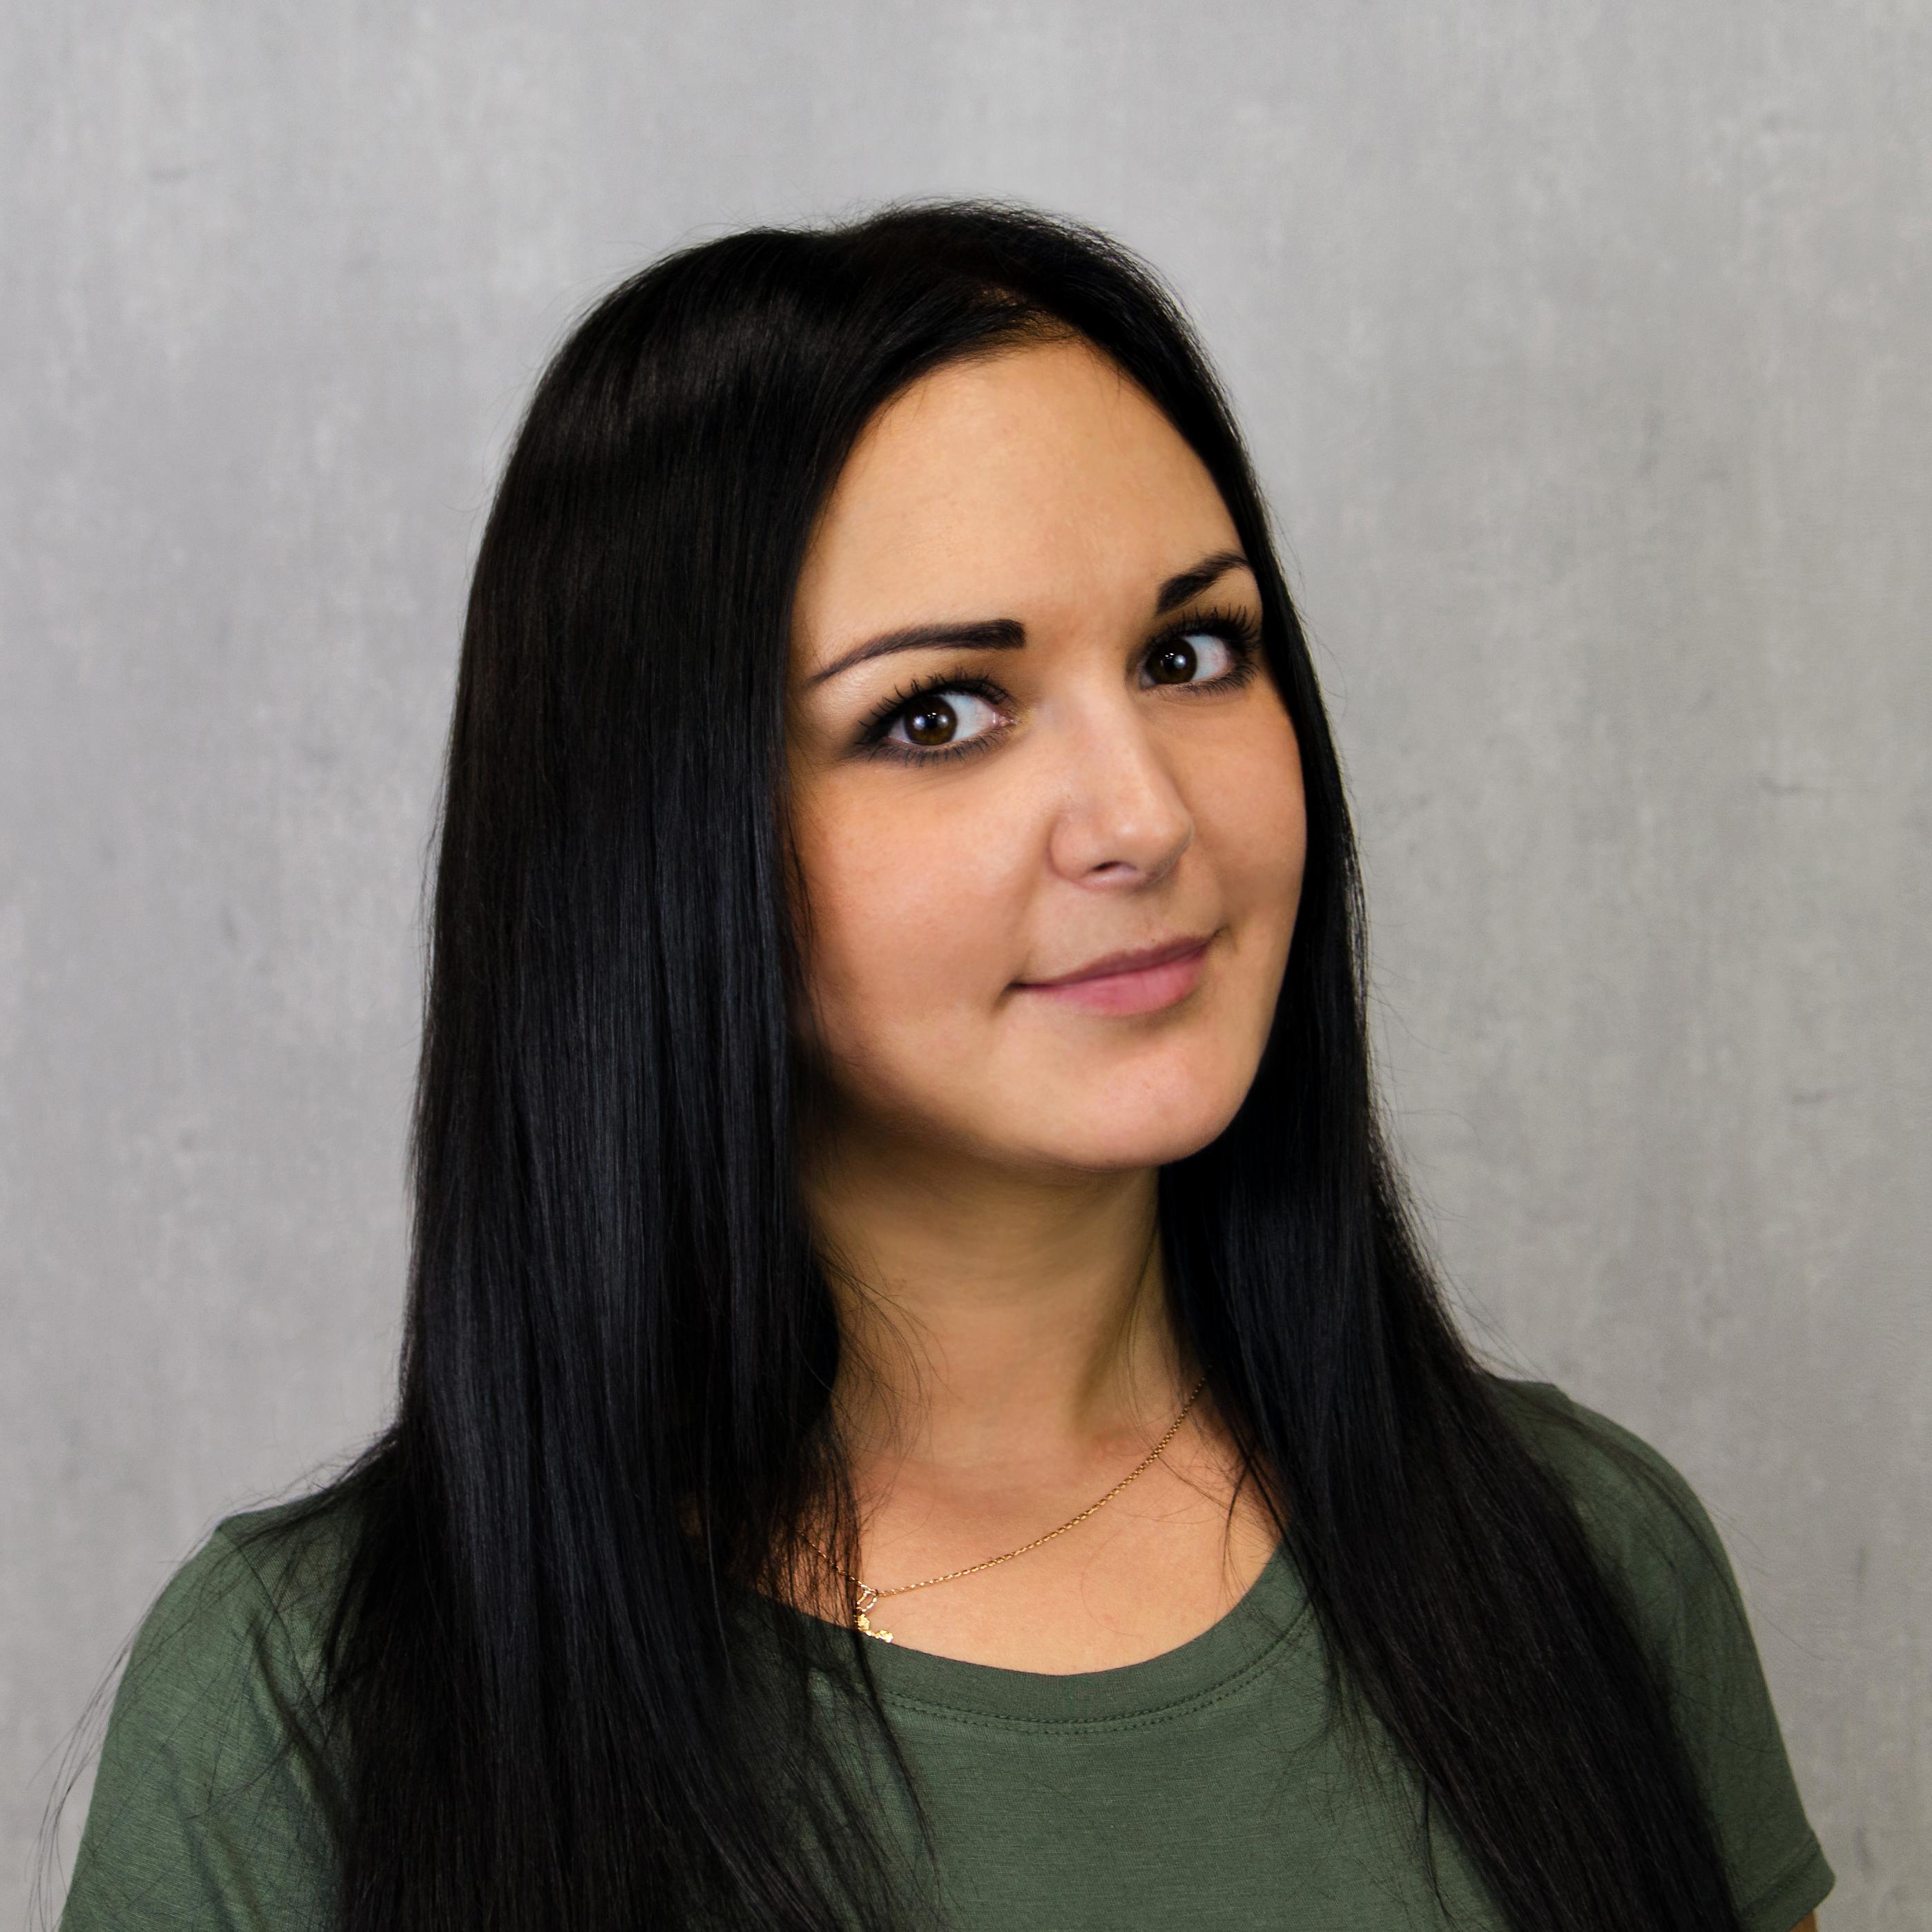 Ольга Сокирченко